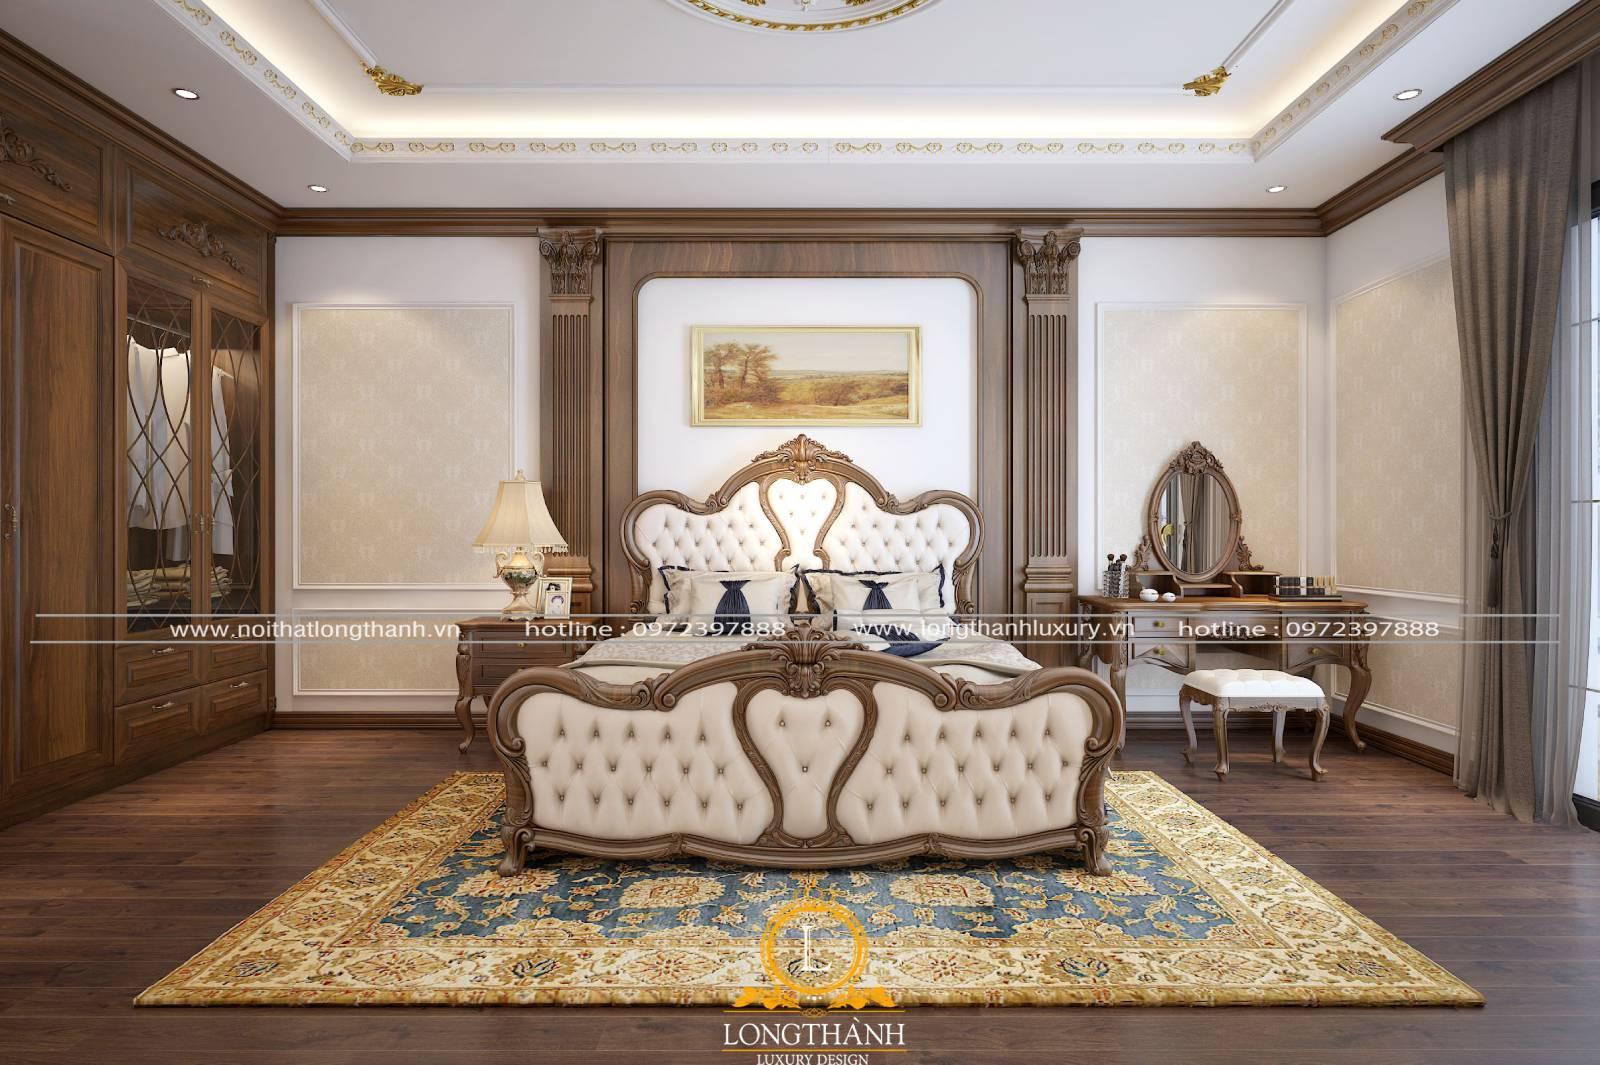 7 Mẫu trần thạch cao phòng ngủ tân cổ điển đẹp nhất mọi thời đại